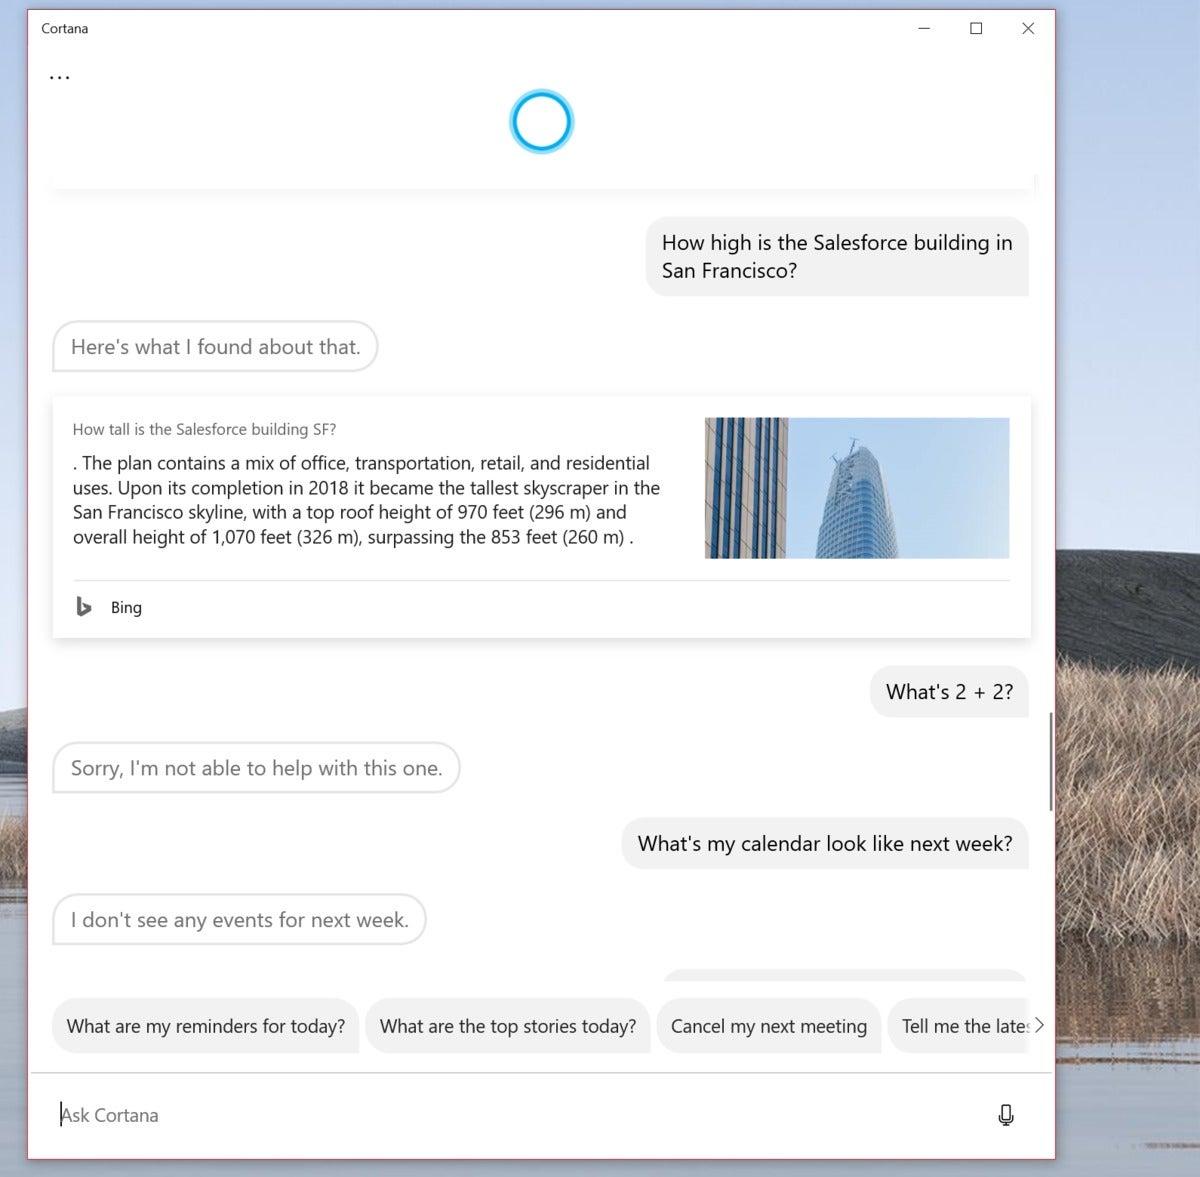 Microsoft windows 20h1 cortana 2 basic math